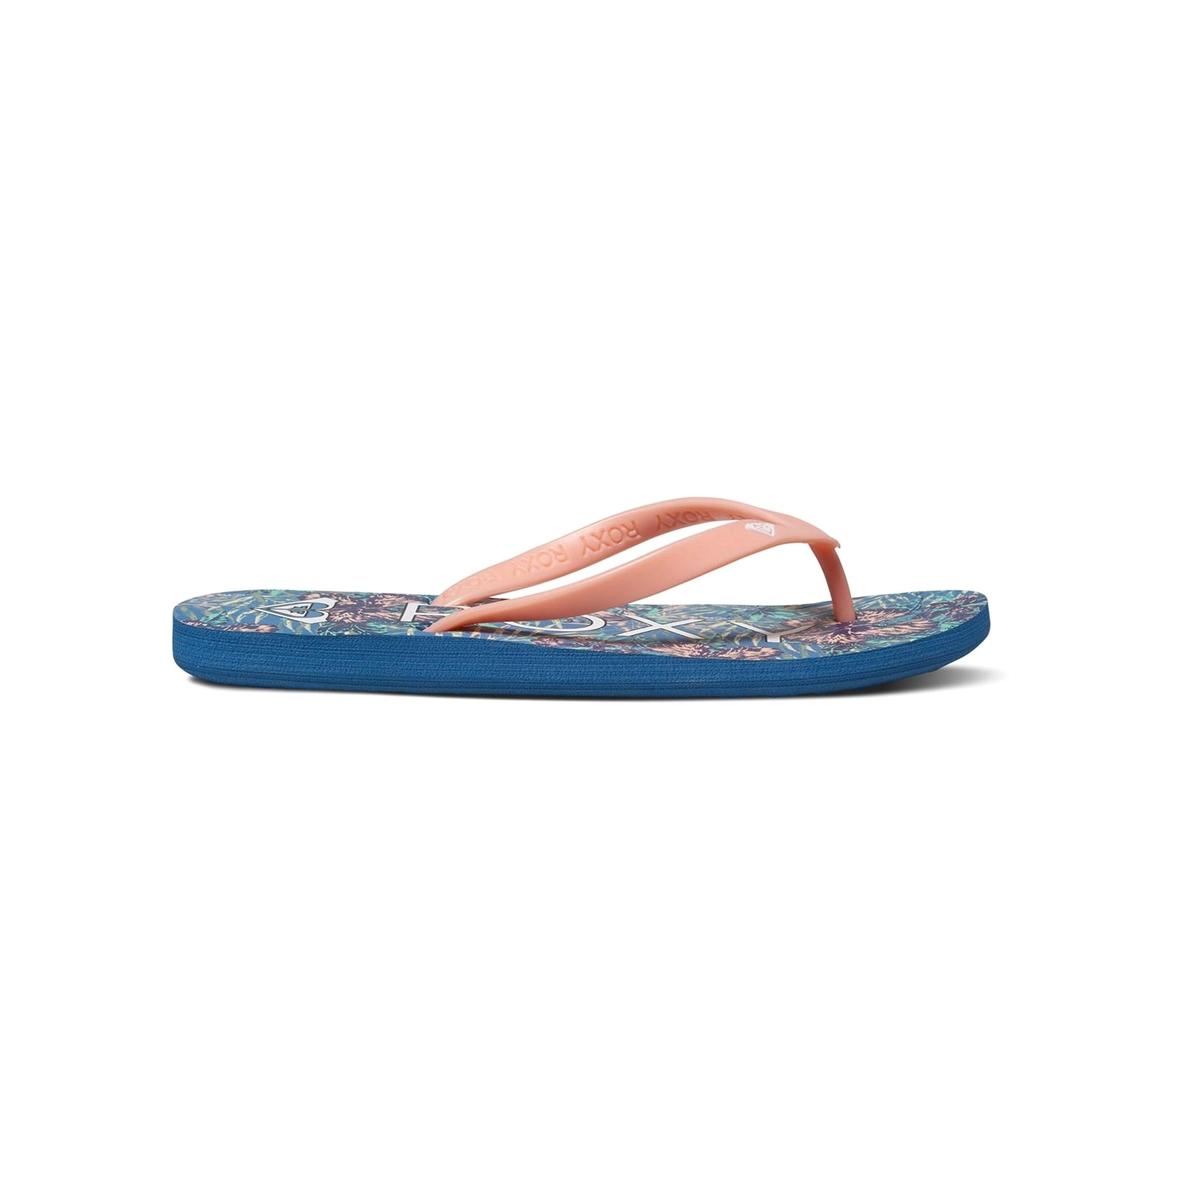 Вьетнамки TahitiВерх : синтетика   Подошва : каучук   Форма каблука : плоский каблук   Мысок : открытый мысок   Застежка : без застежки<br><br>Цвет: синий/ розовый<br>Размер: 39